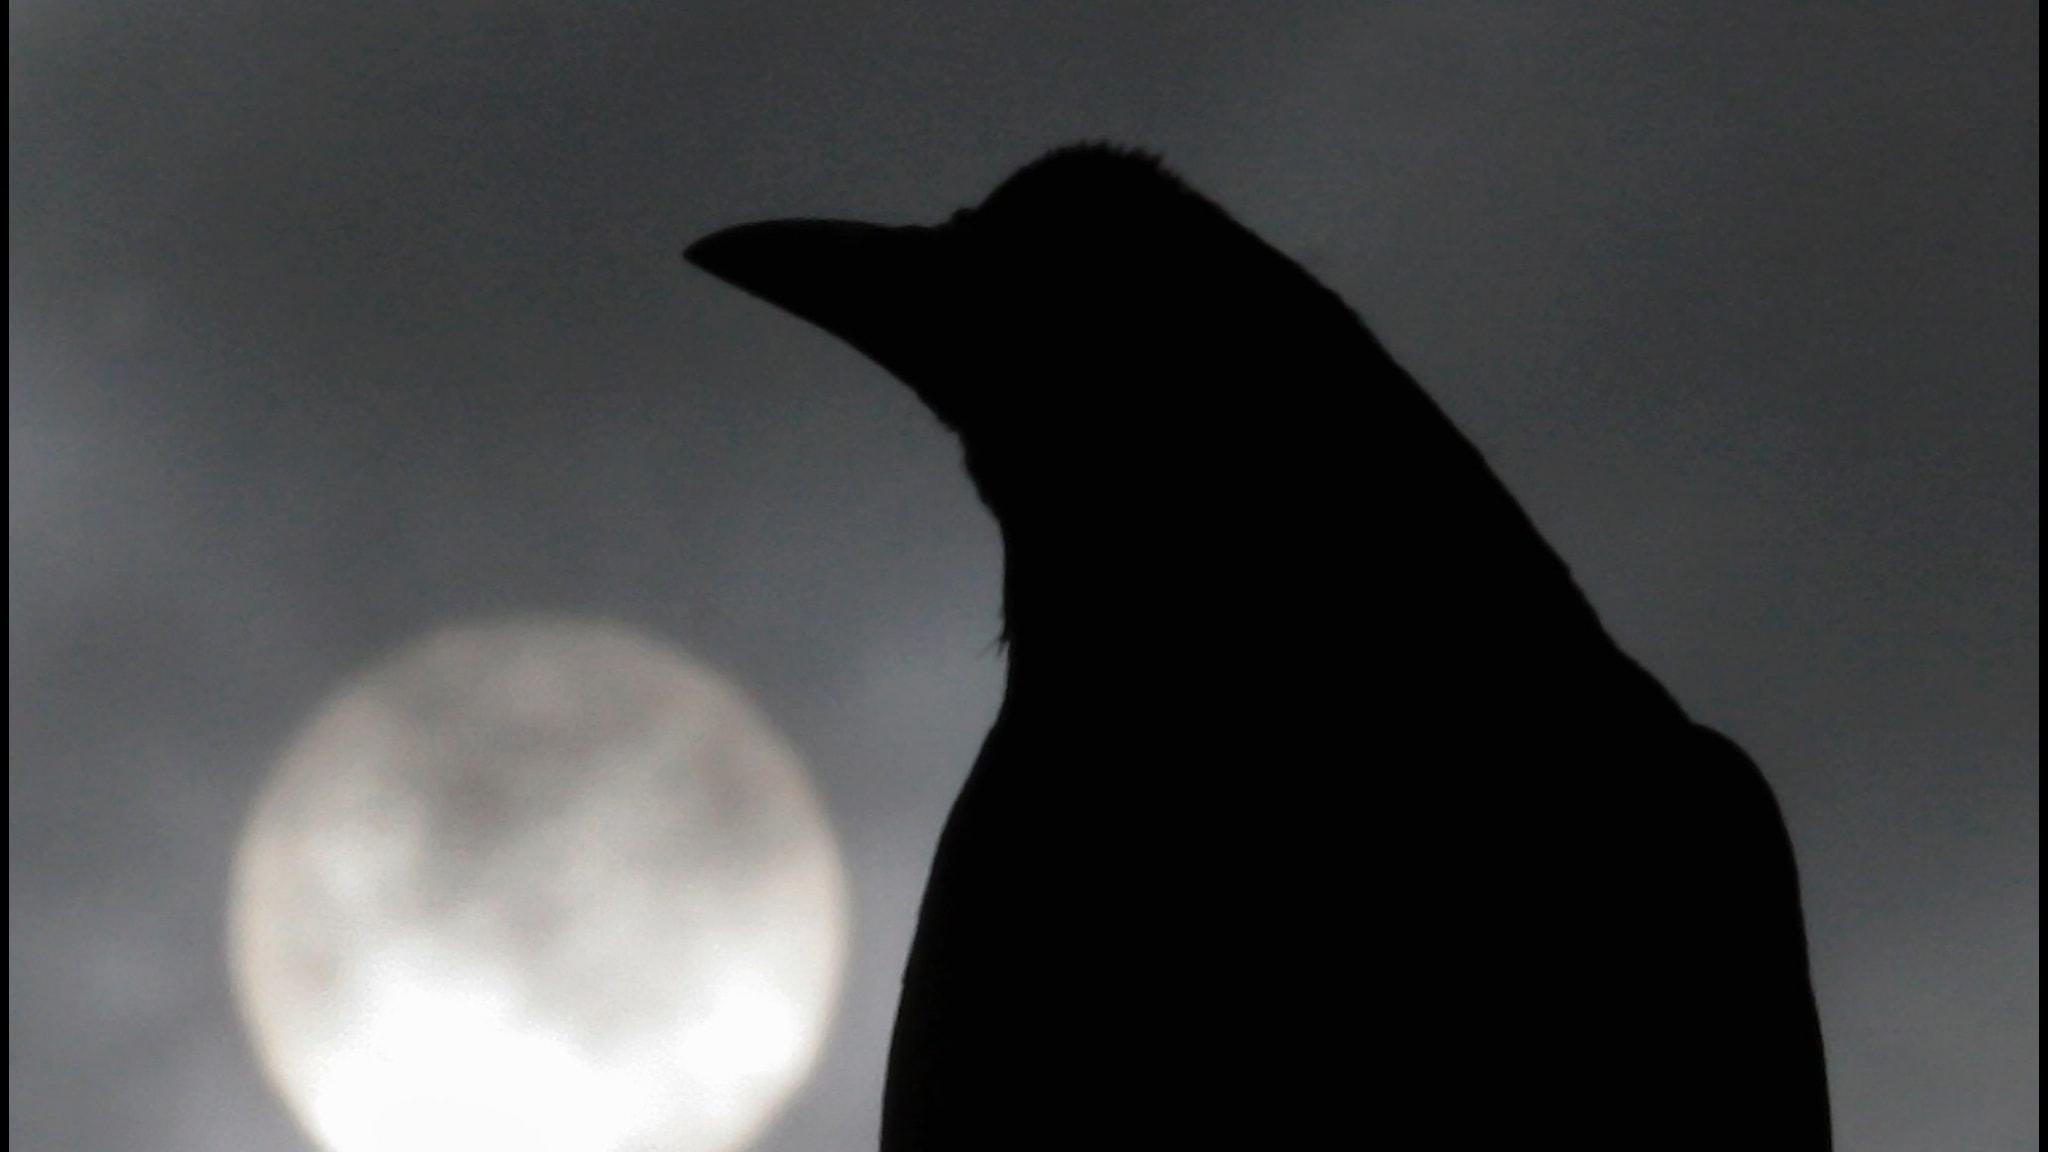 Poesins metaforer 3: Fågeln